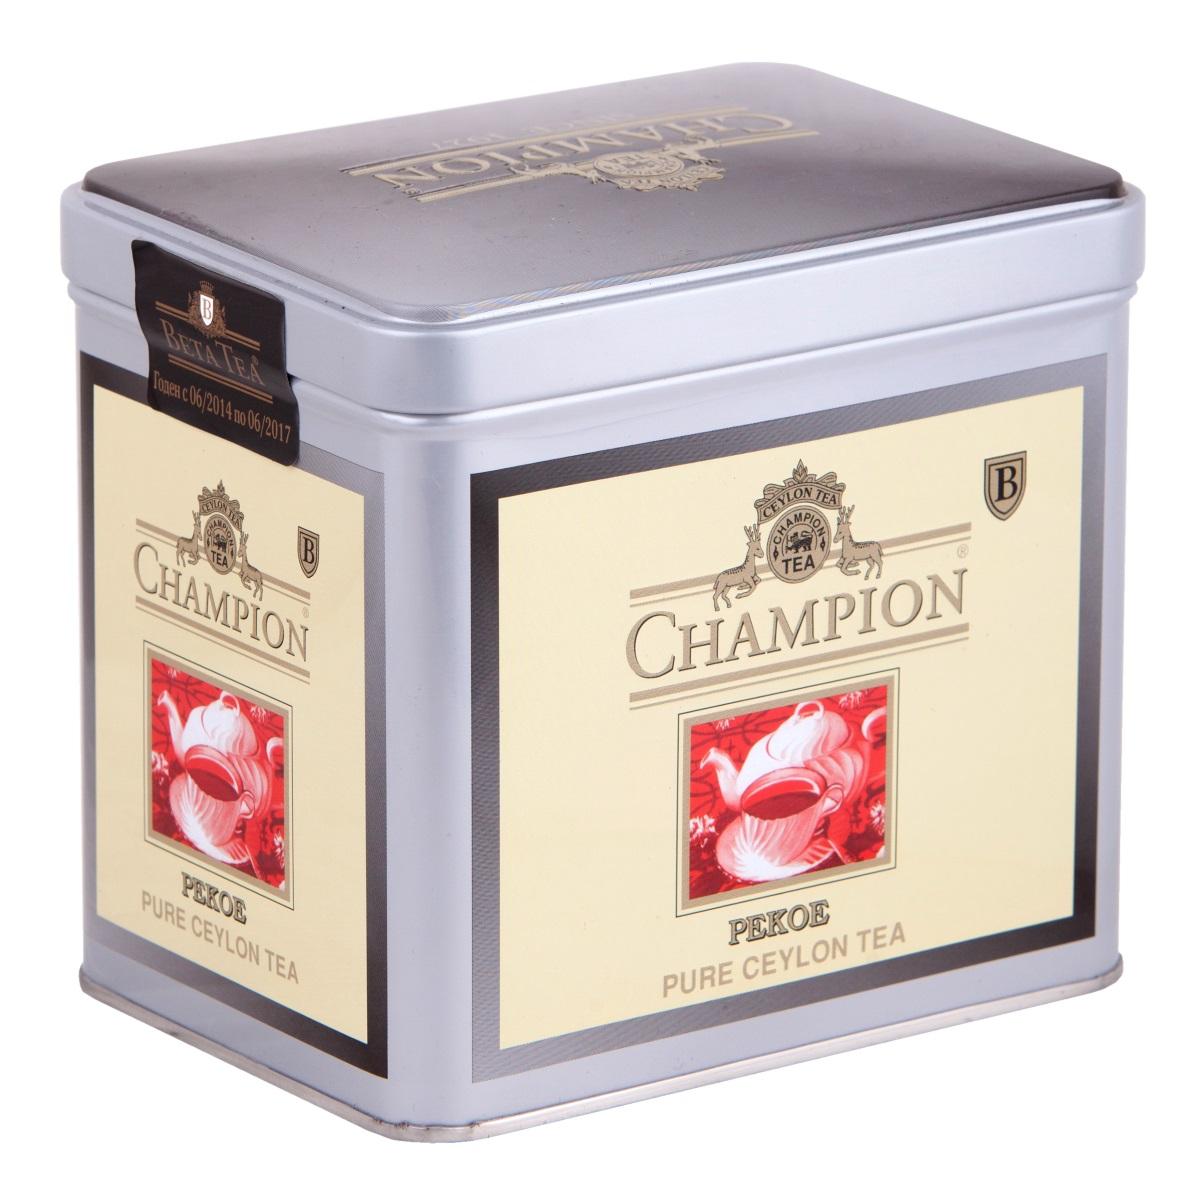 Champion Пеко черный листовой чай, 250 г (металлическая банка)8690717005287Чай Champion Пеко с богатым вкусом, прозрачным и золотистым цветом дает возможность любителям чая оценить настоящий вкус напитка. Чай этого сорта выращивается на плантациях Шри-Ланки. При его создании используется особая технология скручивания чайных листочков. Сочный насыщенный цвет, богатый аромат и терпкость - его отличительные характеристики.